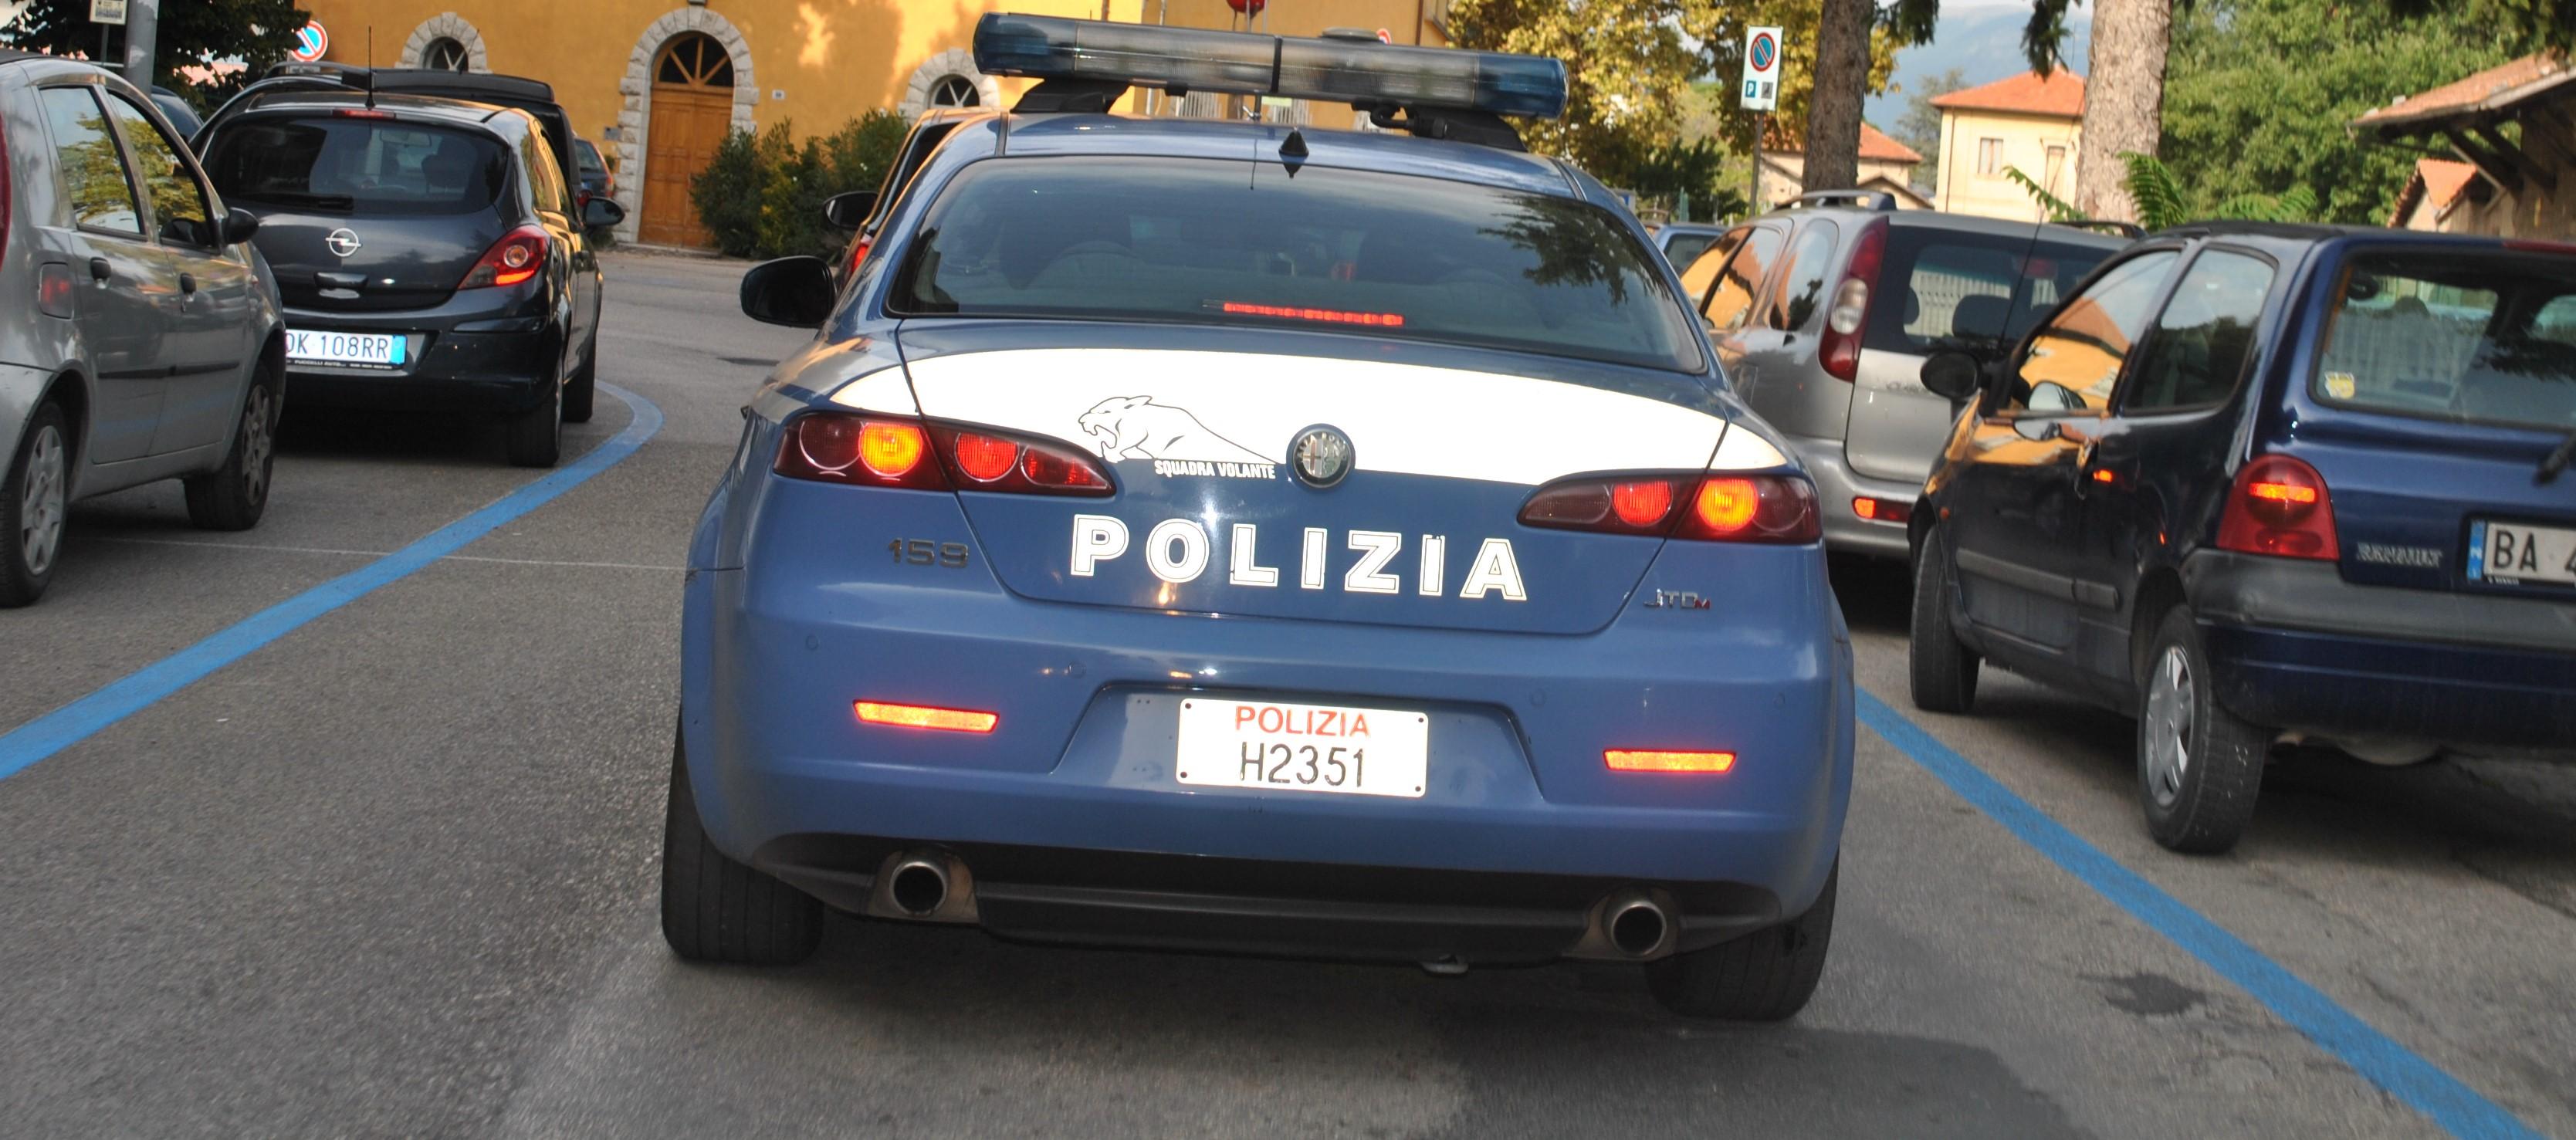 Polizia di stato questure sul web perugia for Polizia di stato permesso soggiorno